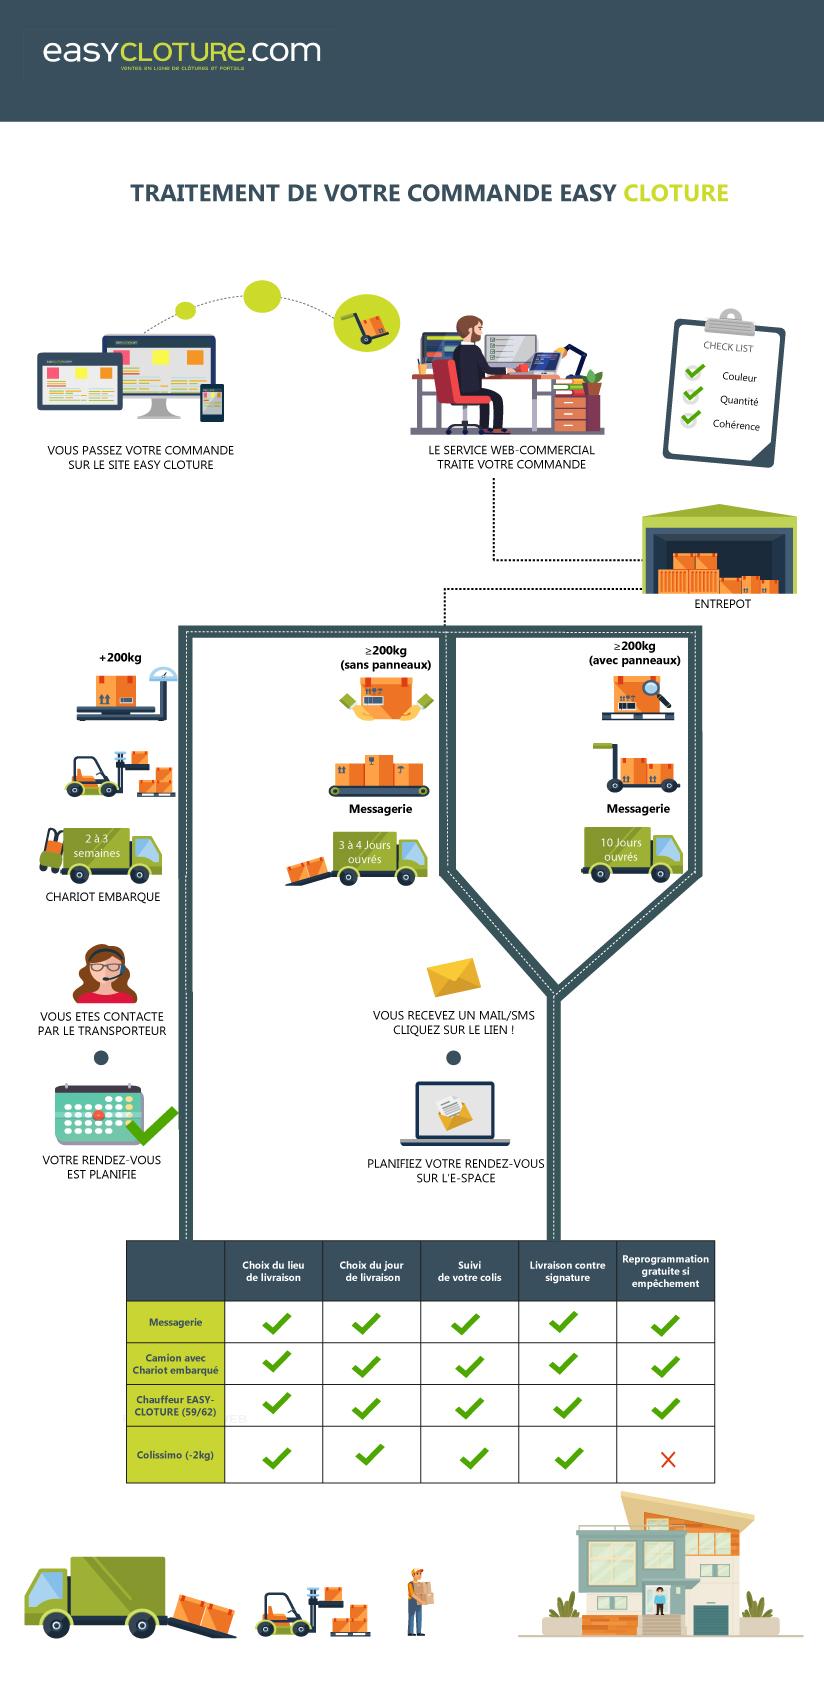 infographie sur les modes de livraison d\'une commande easycloture